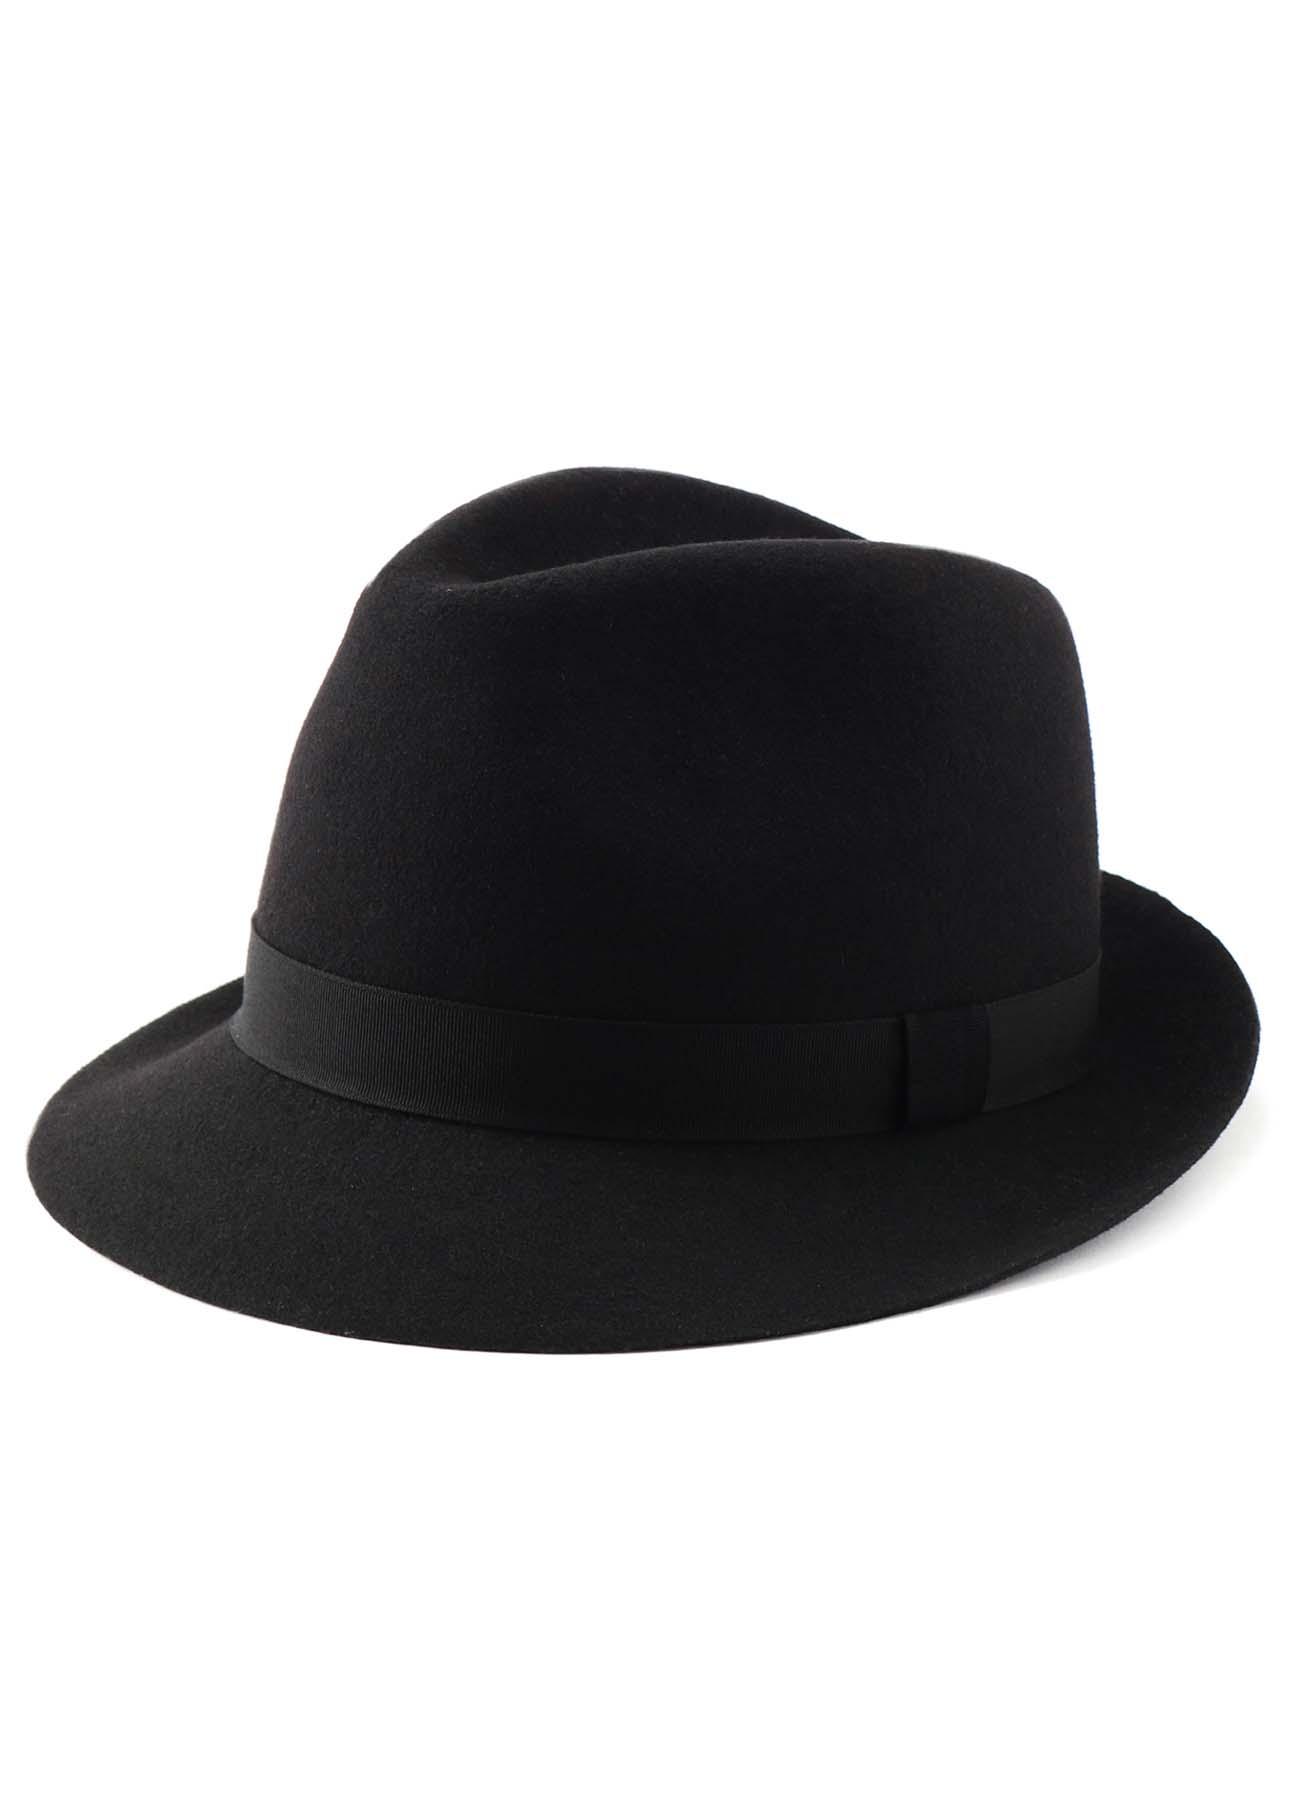 WOOL FELT HAT BODY TYROLEAN HAT